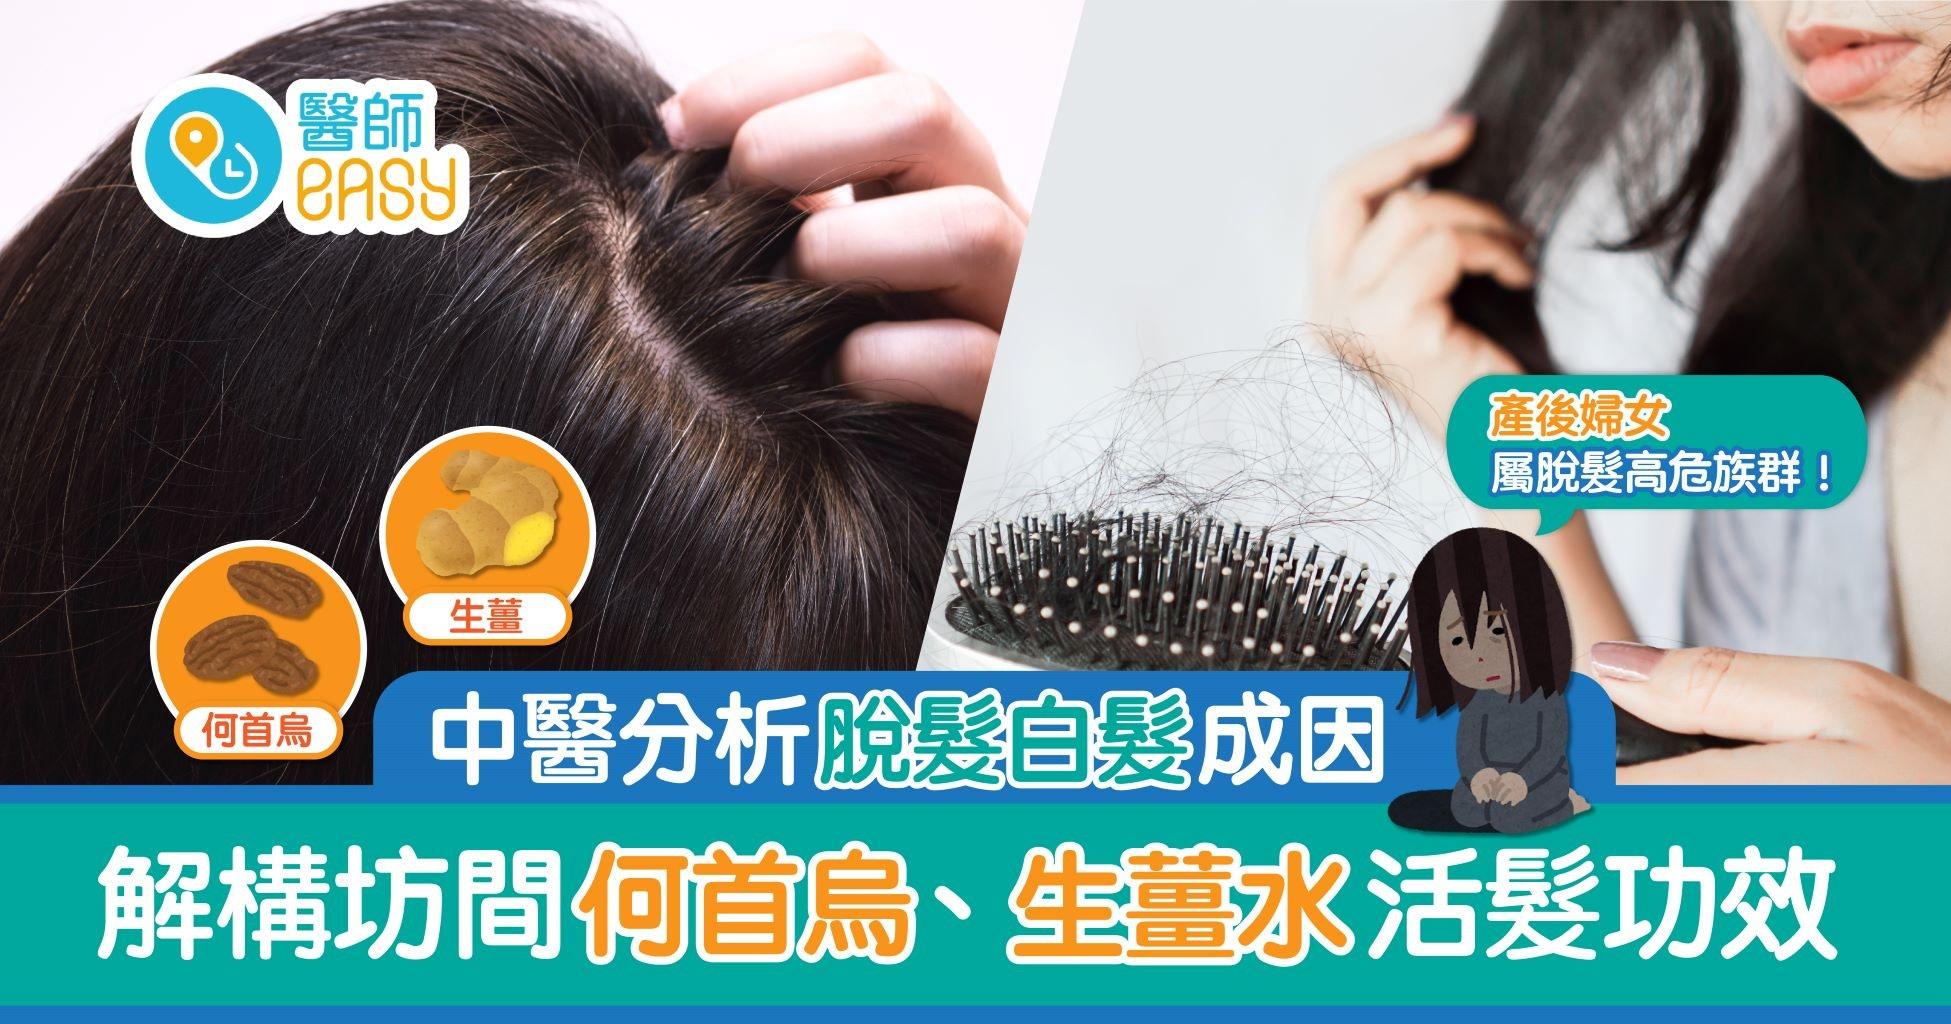 防治脫髮│中醫淺談脫髮白髮 解構坊間生薑水及梳頭效用